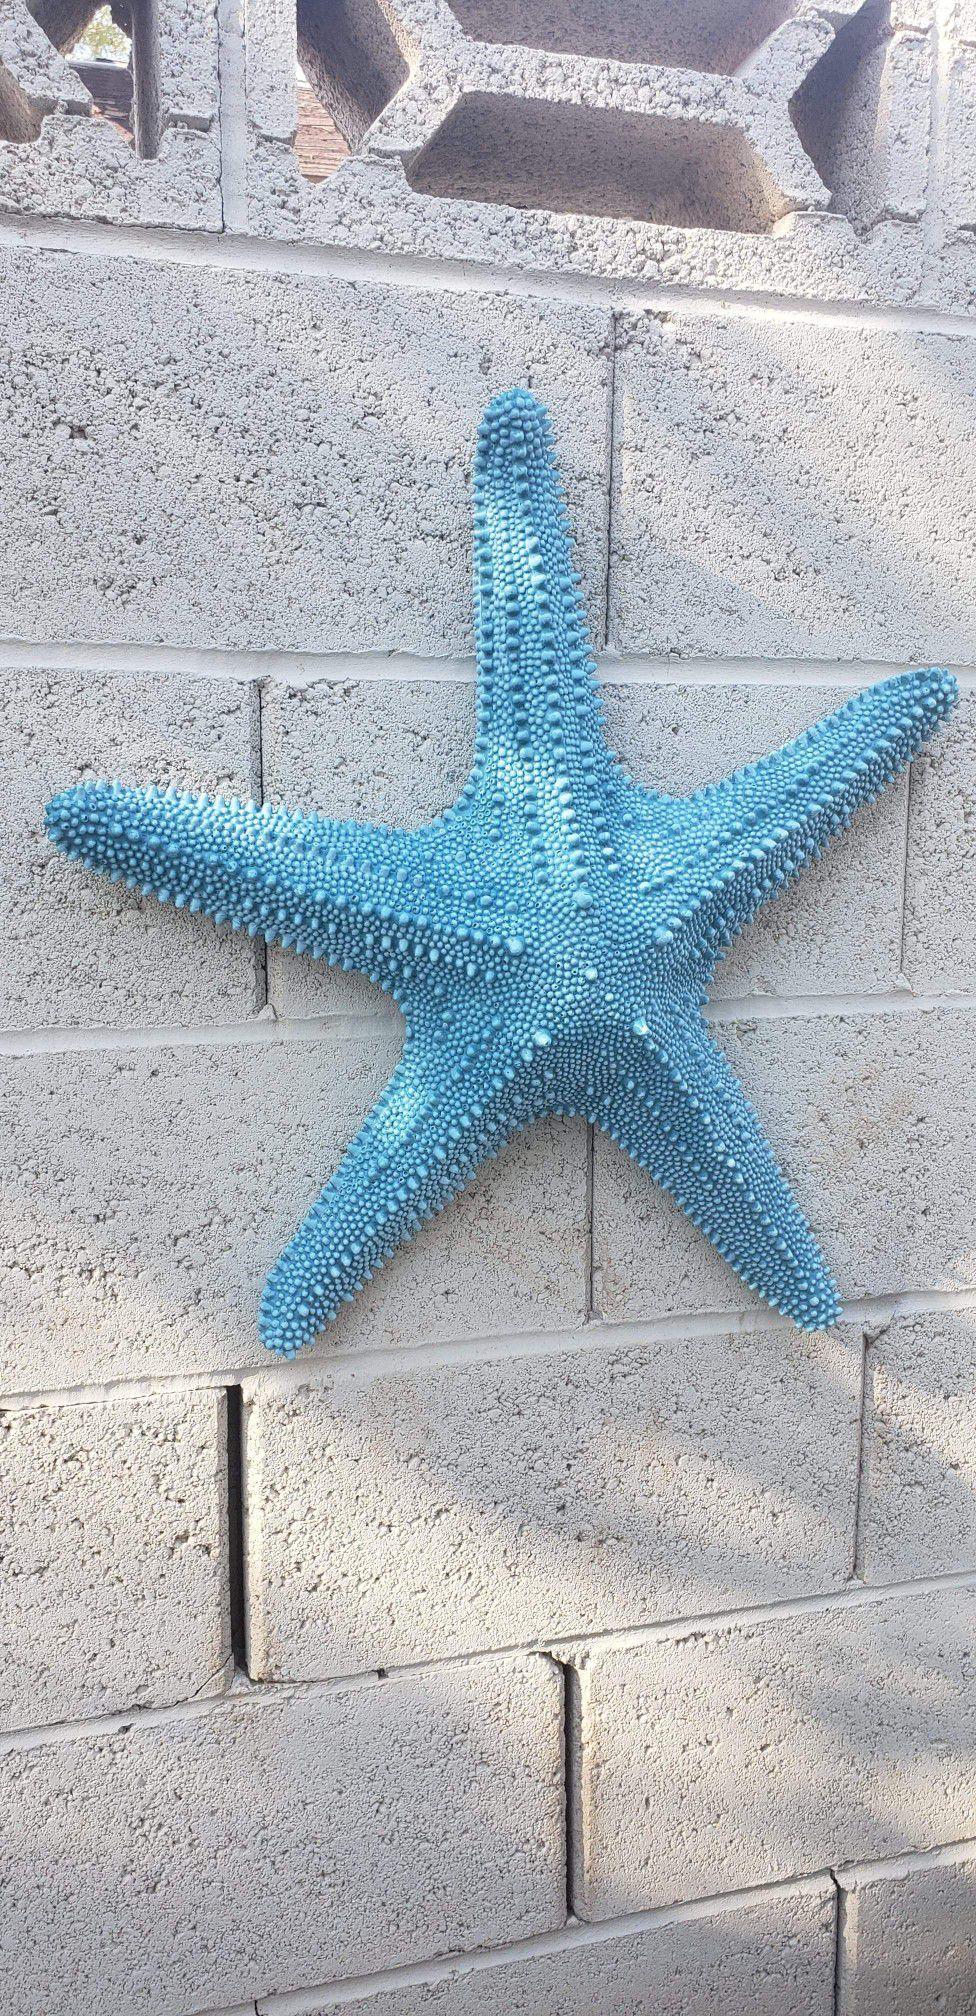 Starfish / Concrete wall decor